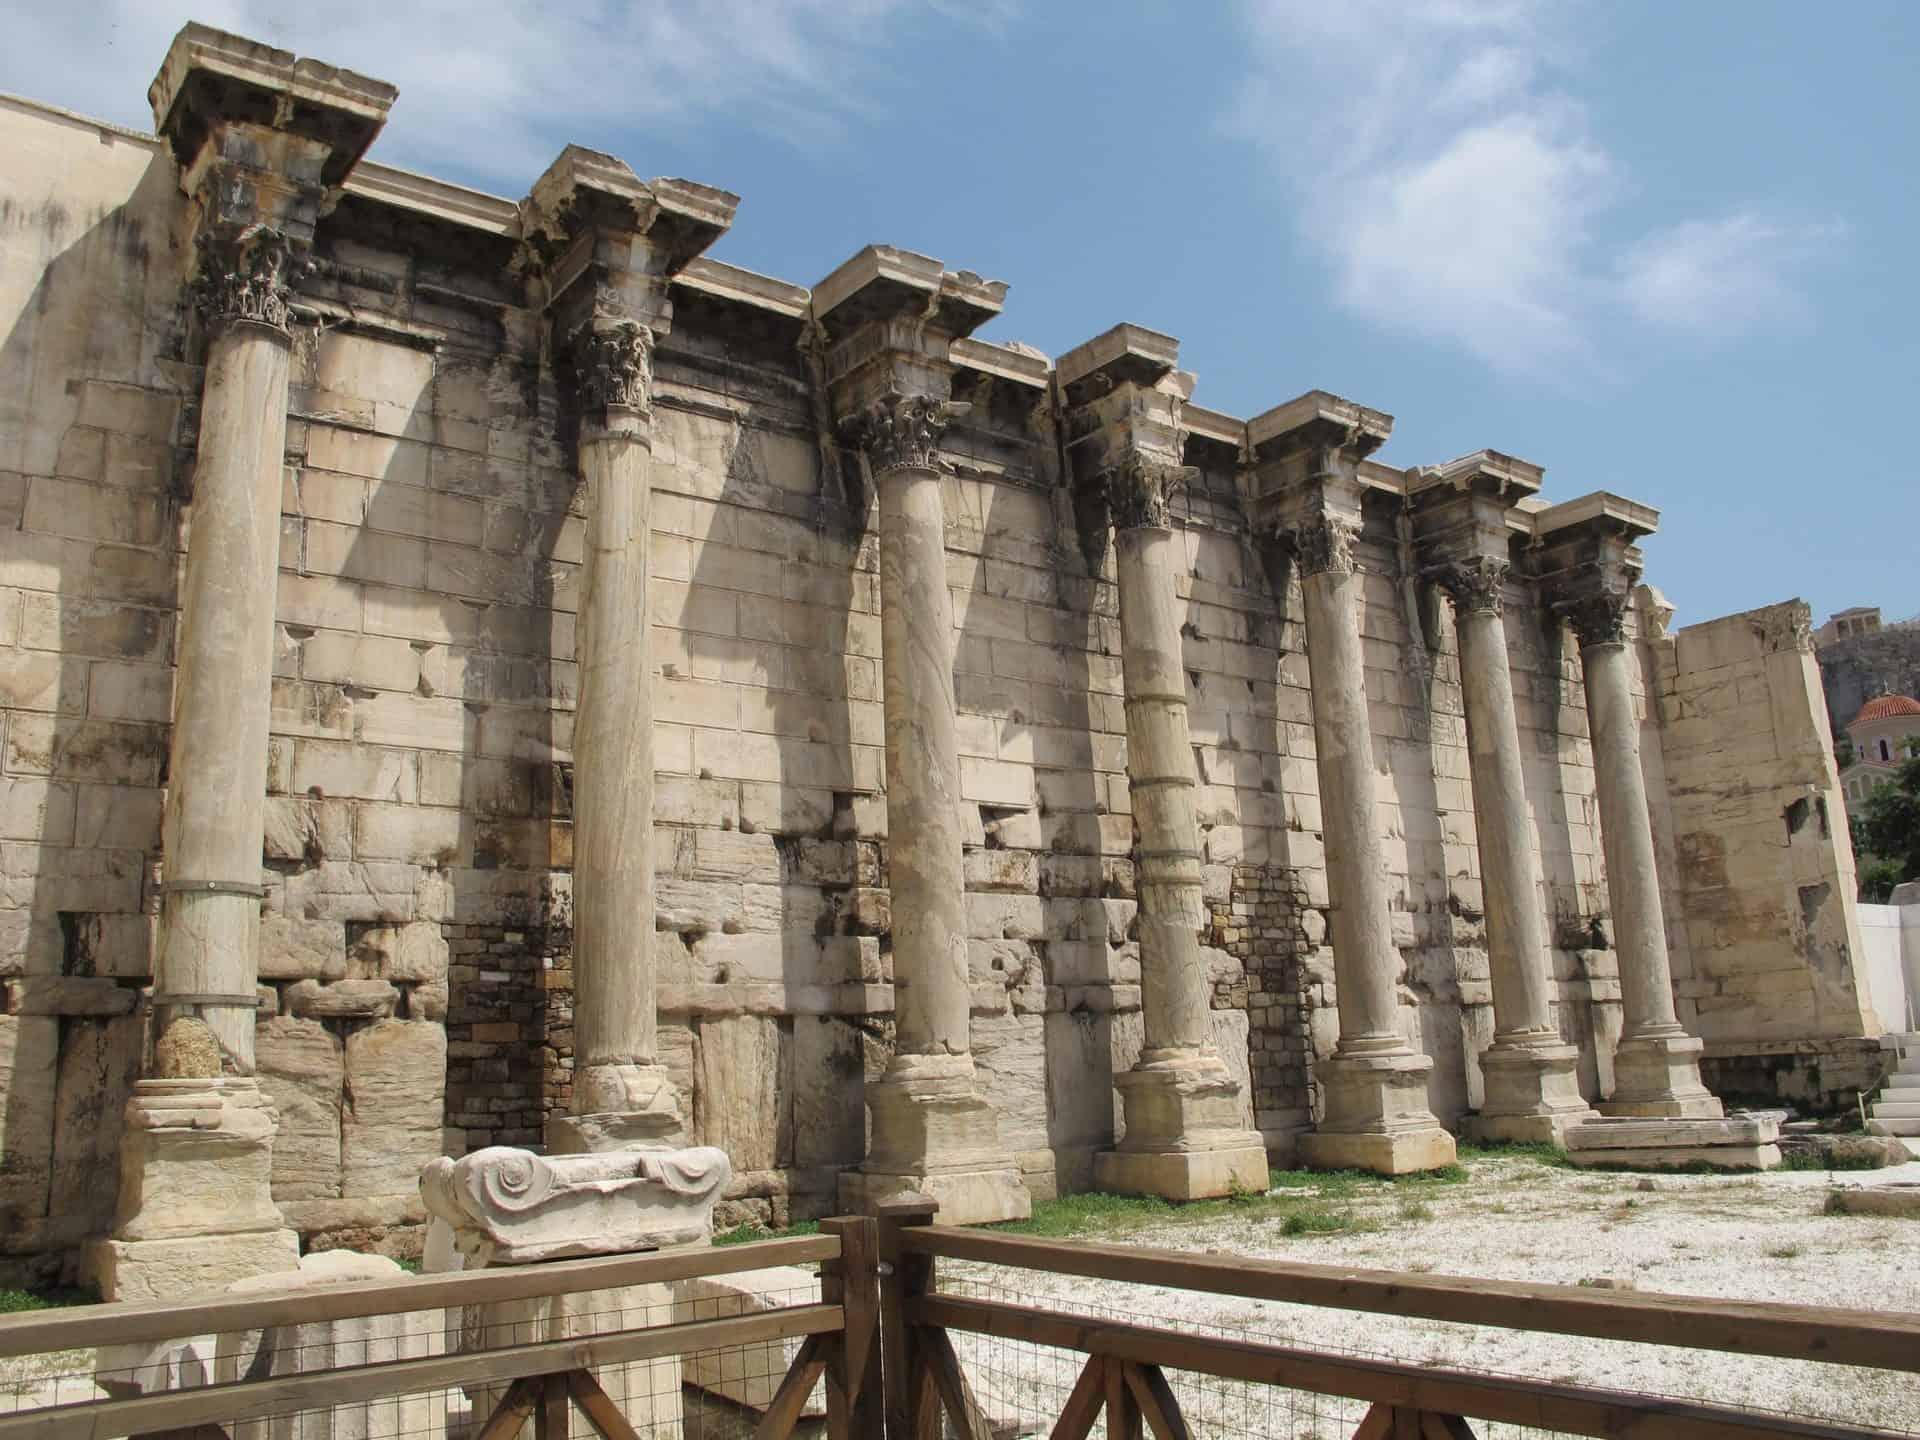 athens_acropolis2-Library-of-Hadrian-37.97571, 23.72575